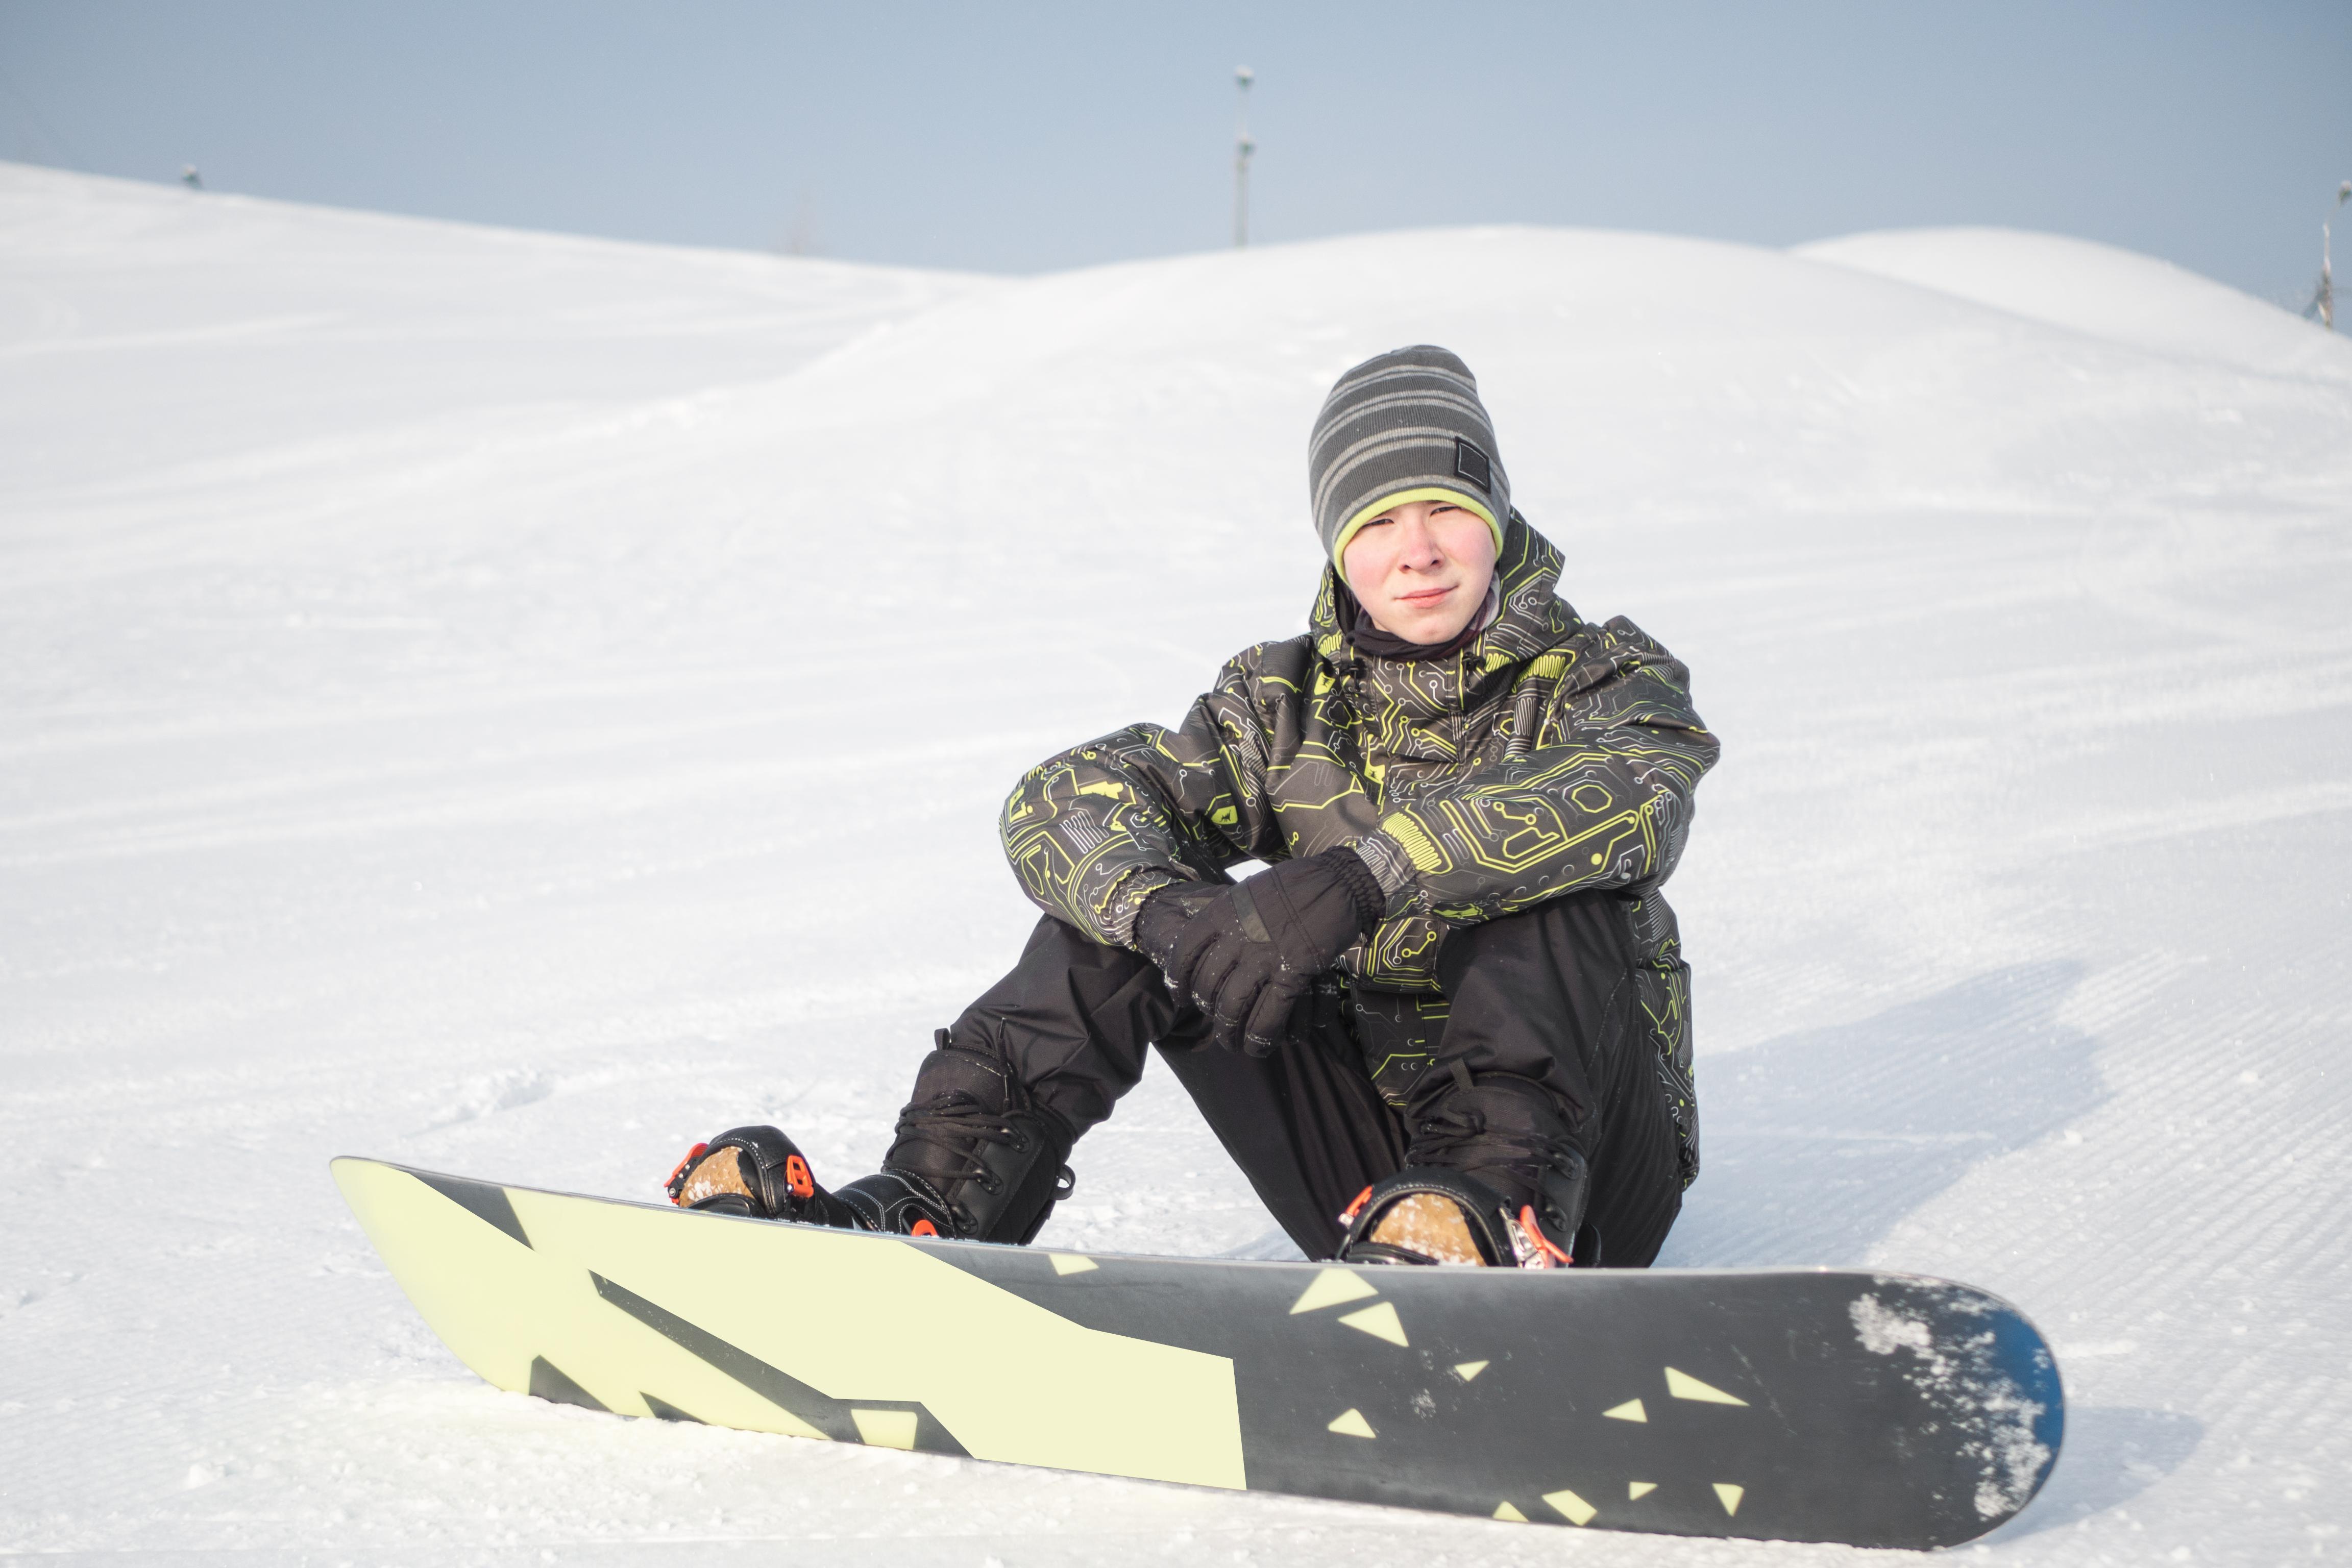 Портрет на горнолыжном склоне